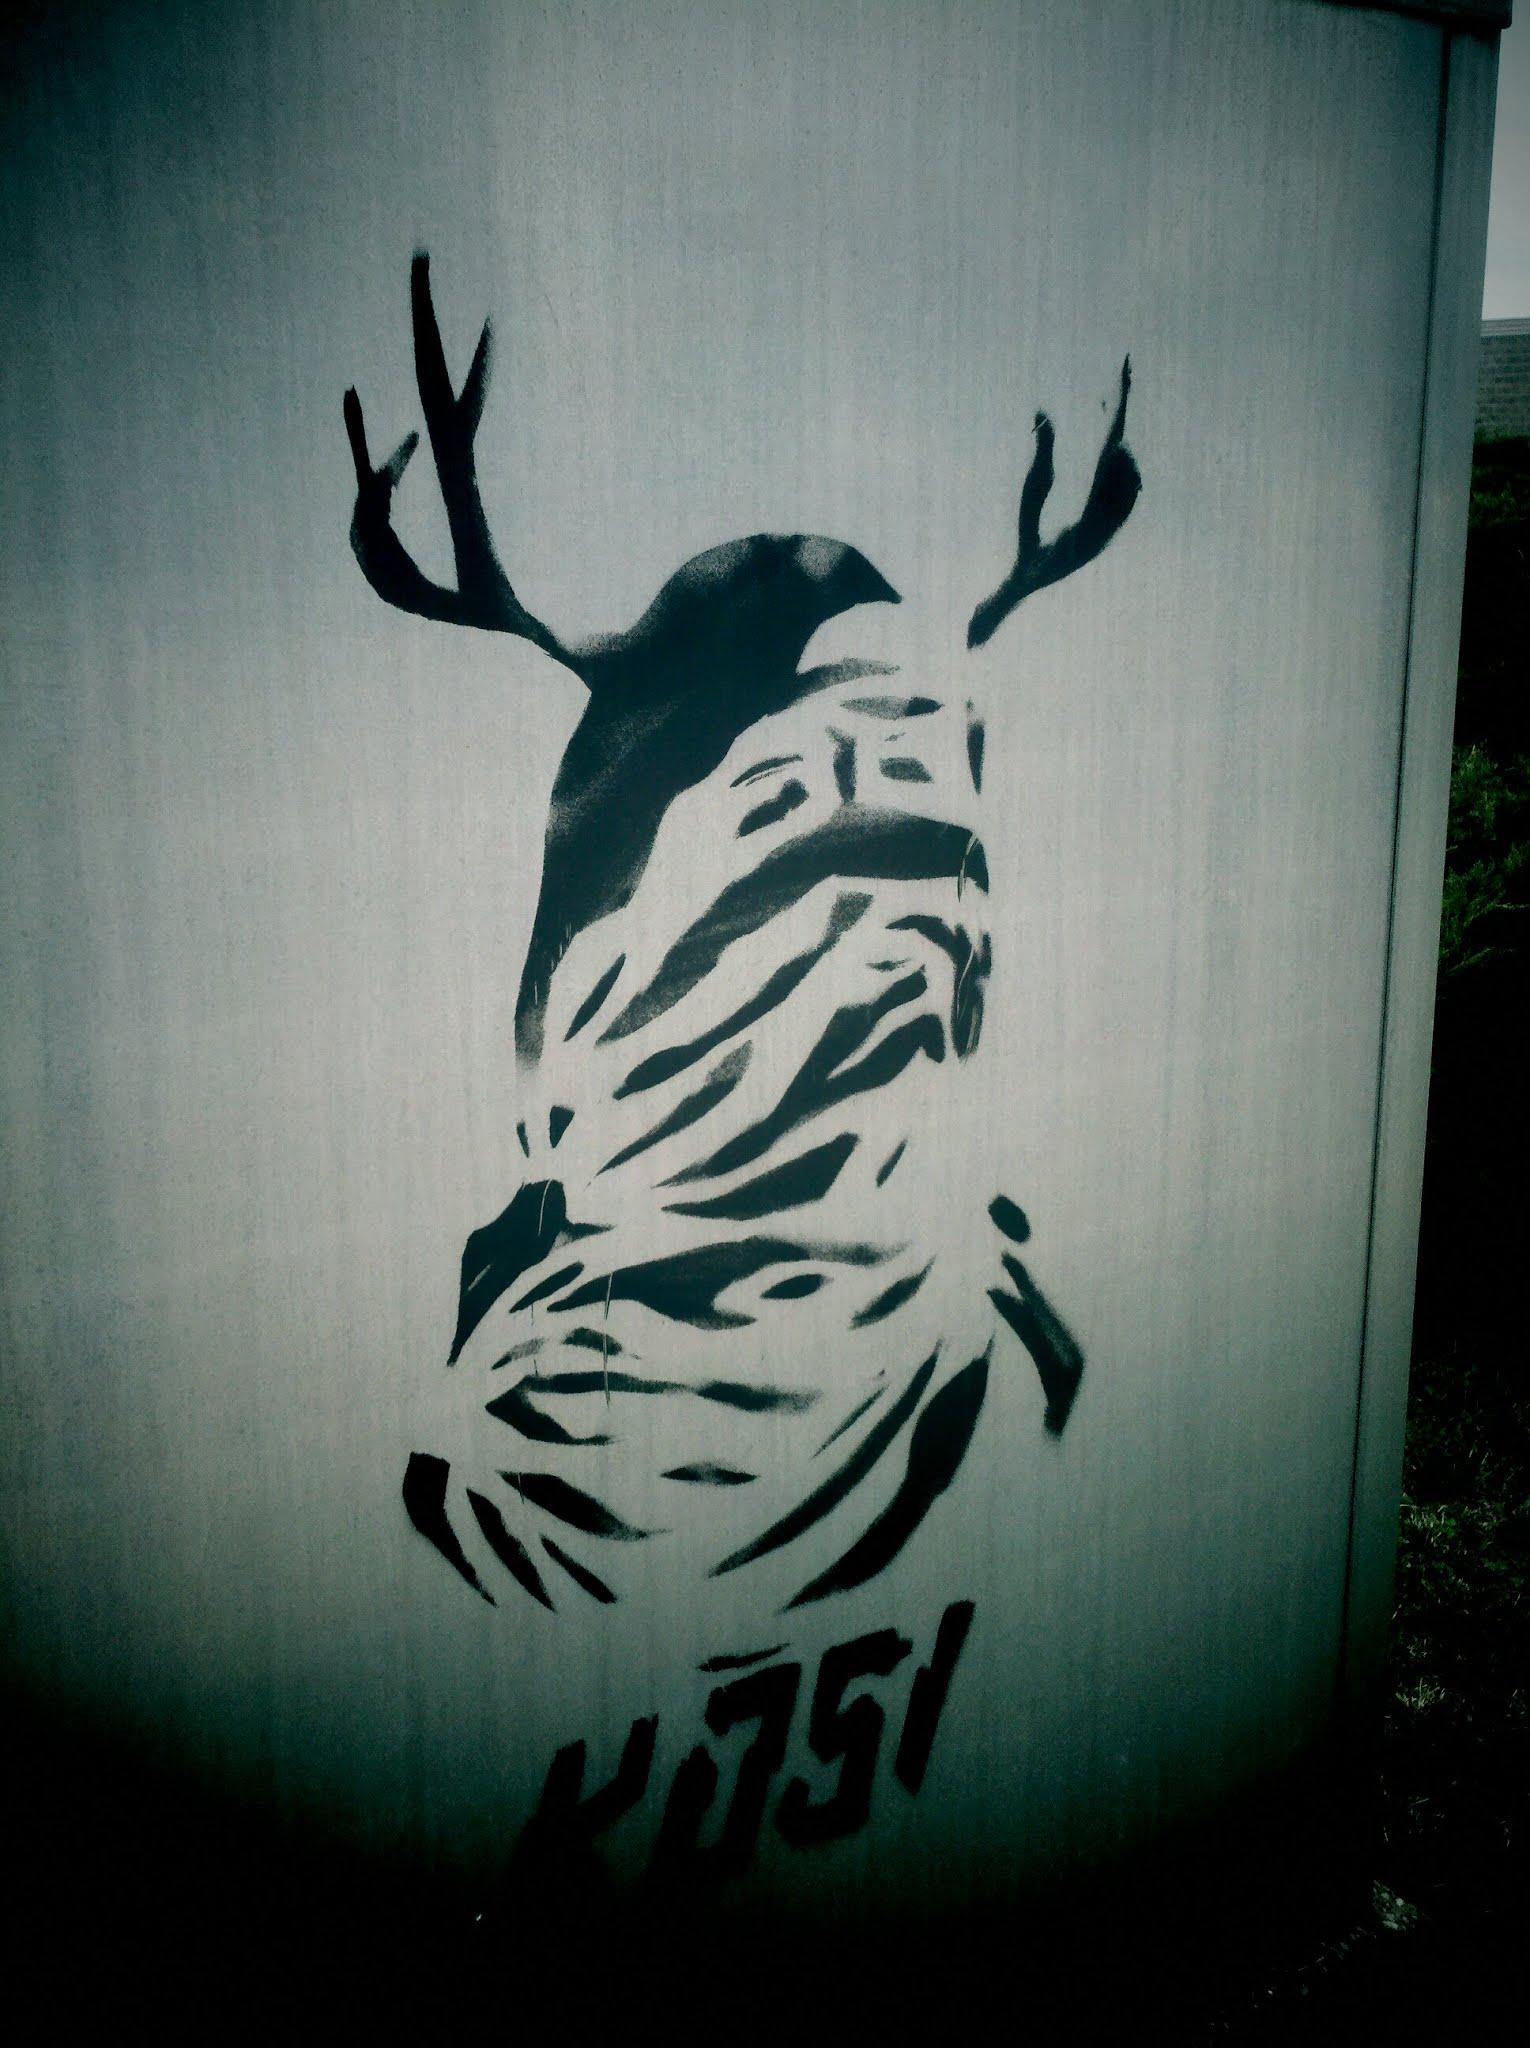 Kosi Stencil Graffiti Iowa